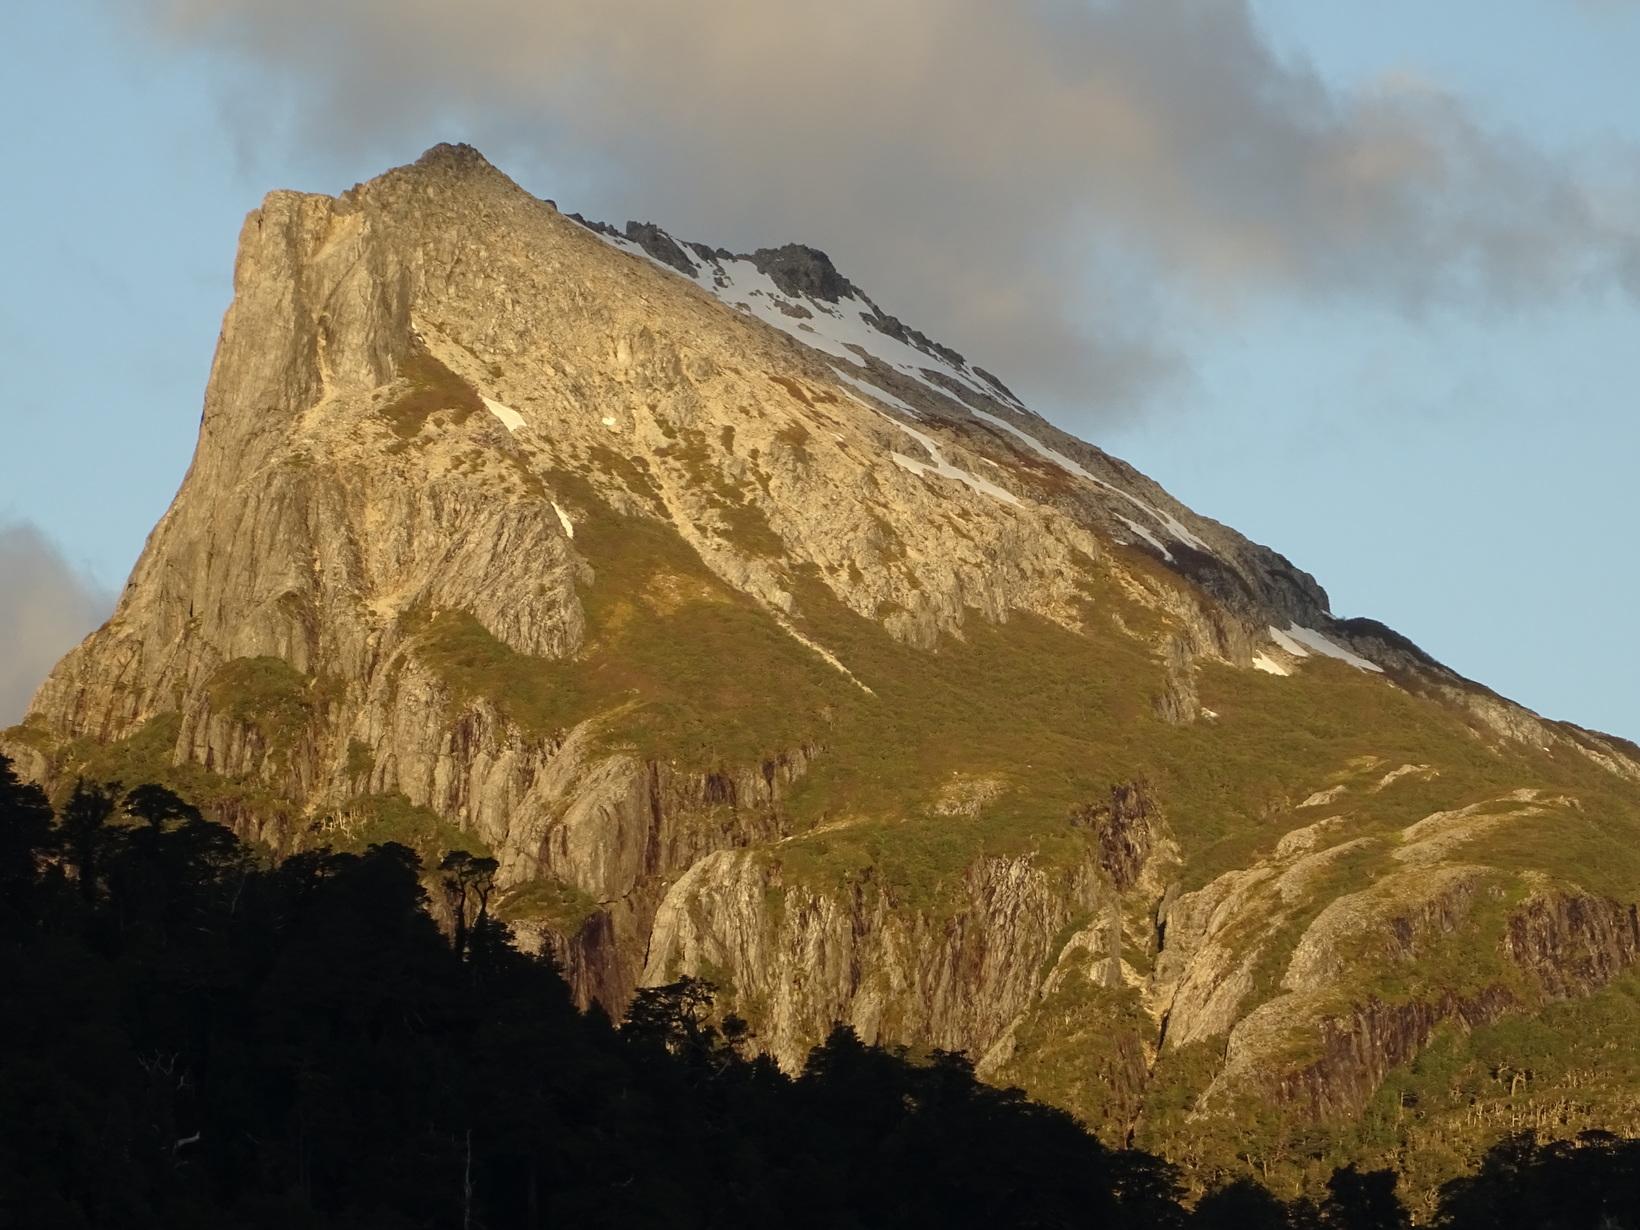 El Borracho Mount